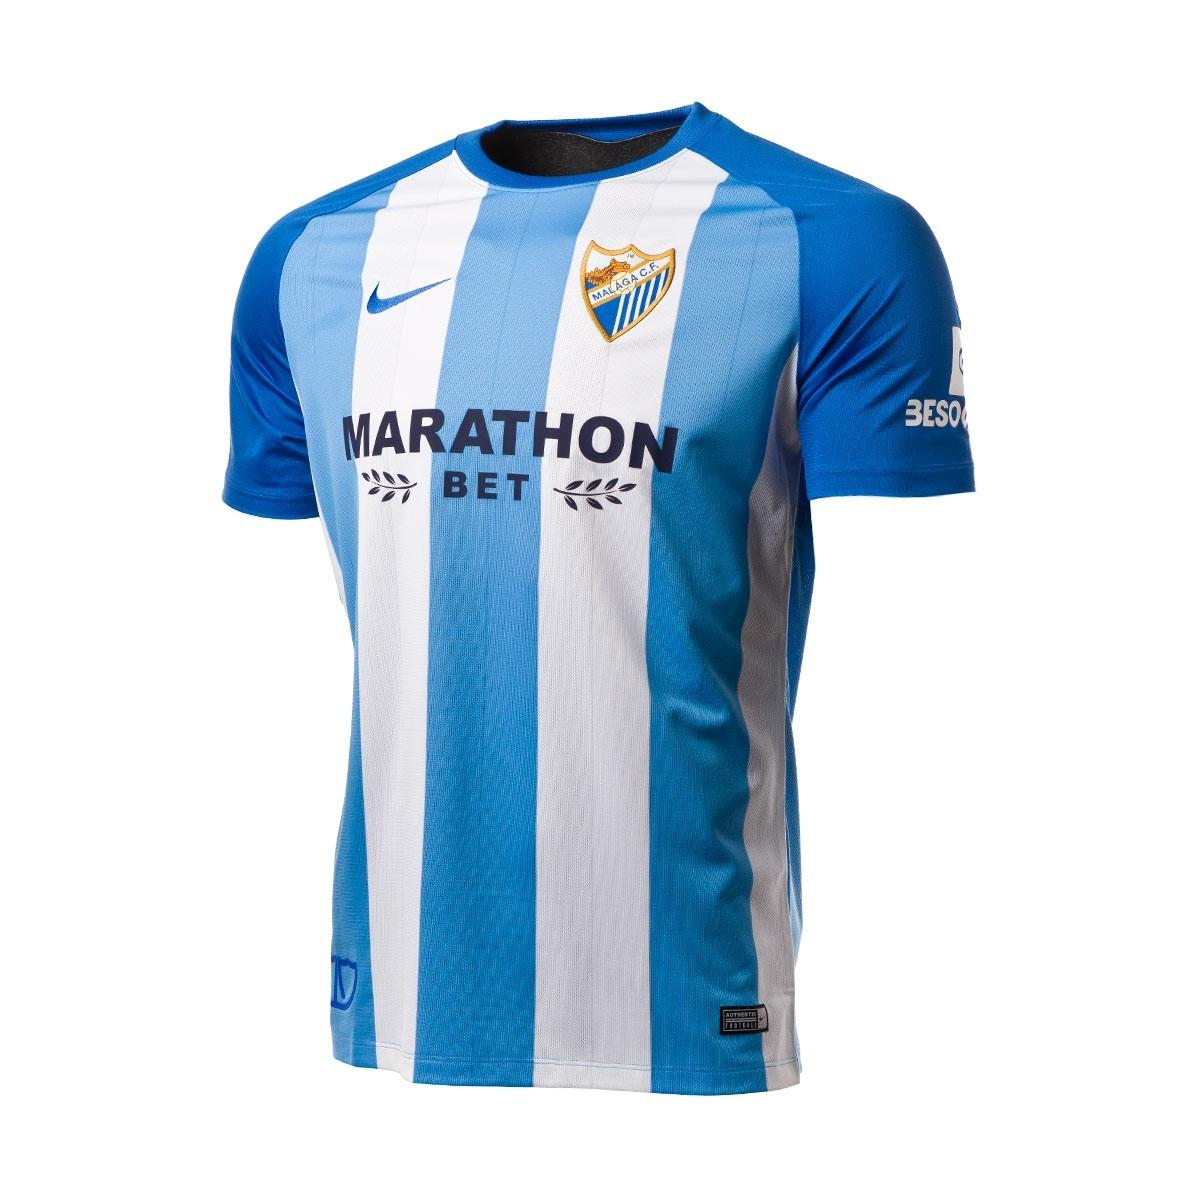 a8693a5af4ede Camiseta Nike Málaga CF Primera Equipación 2017-2018 Niño Blanco-Azul -  Tienda de fútbol Fútbol Emotion